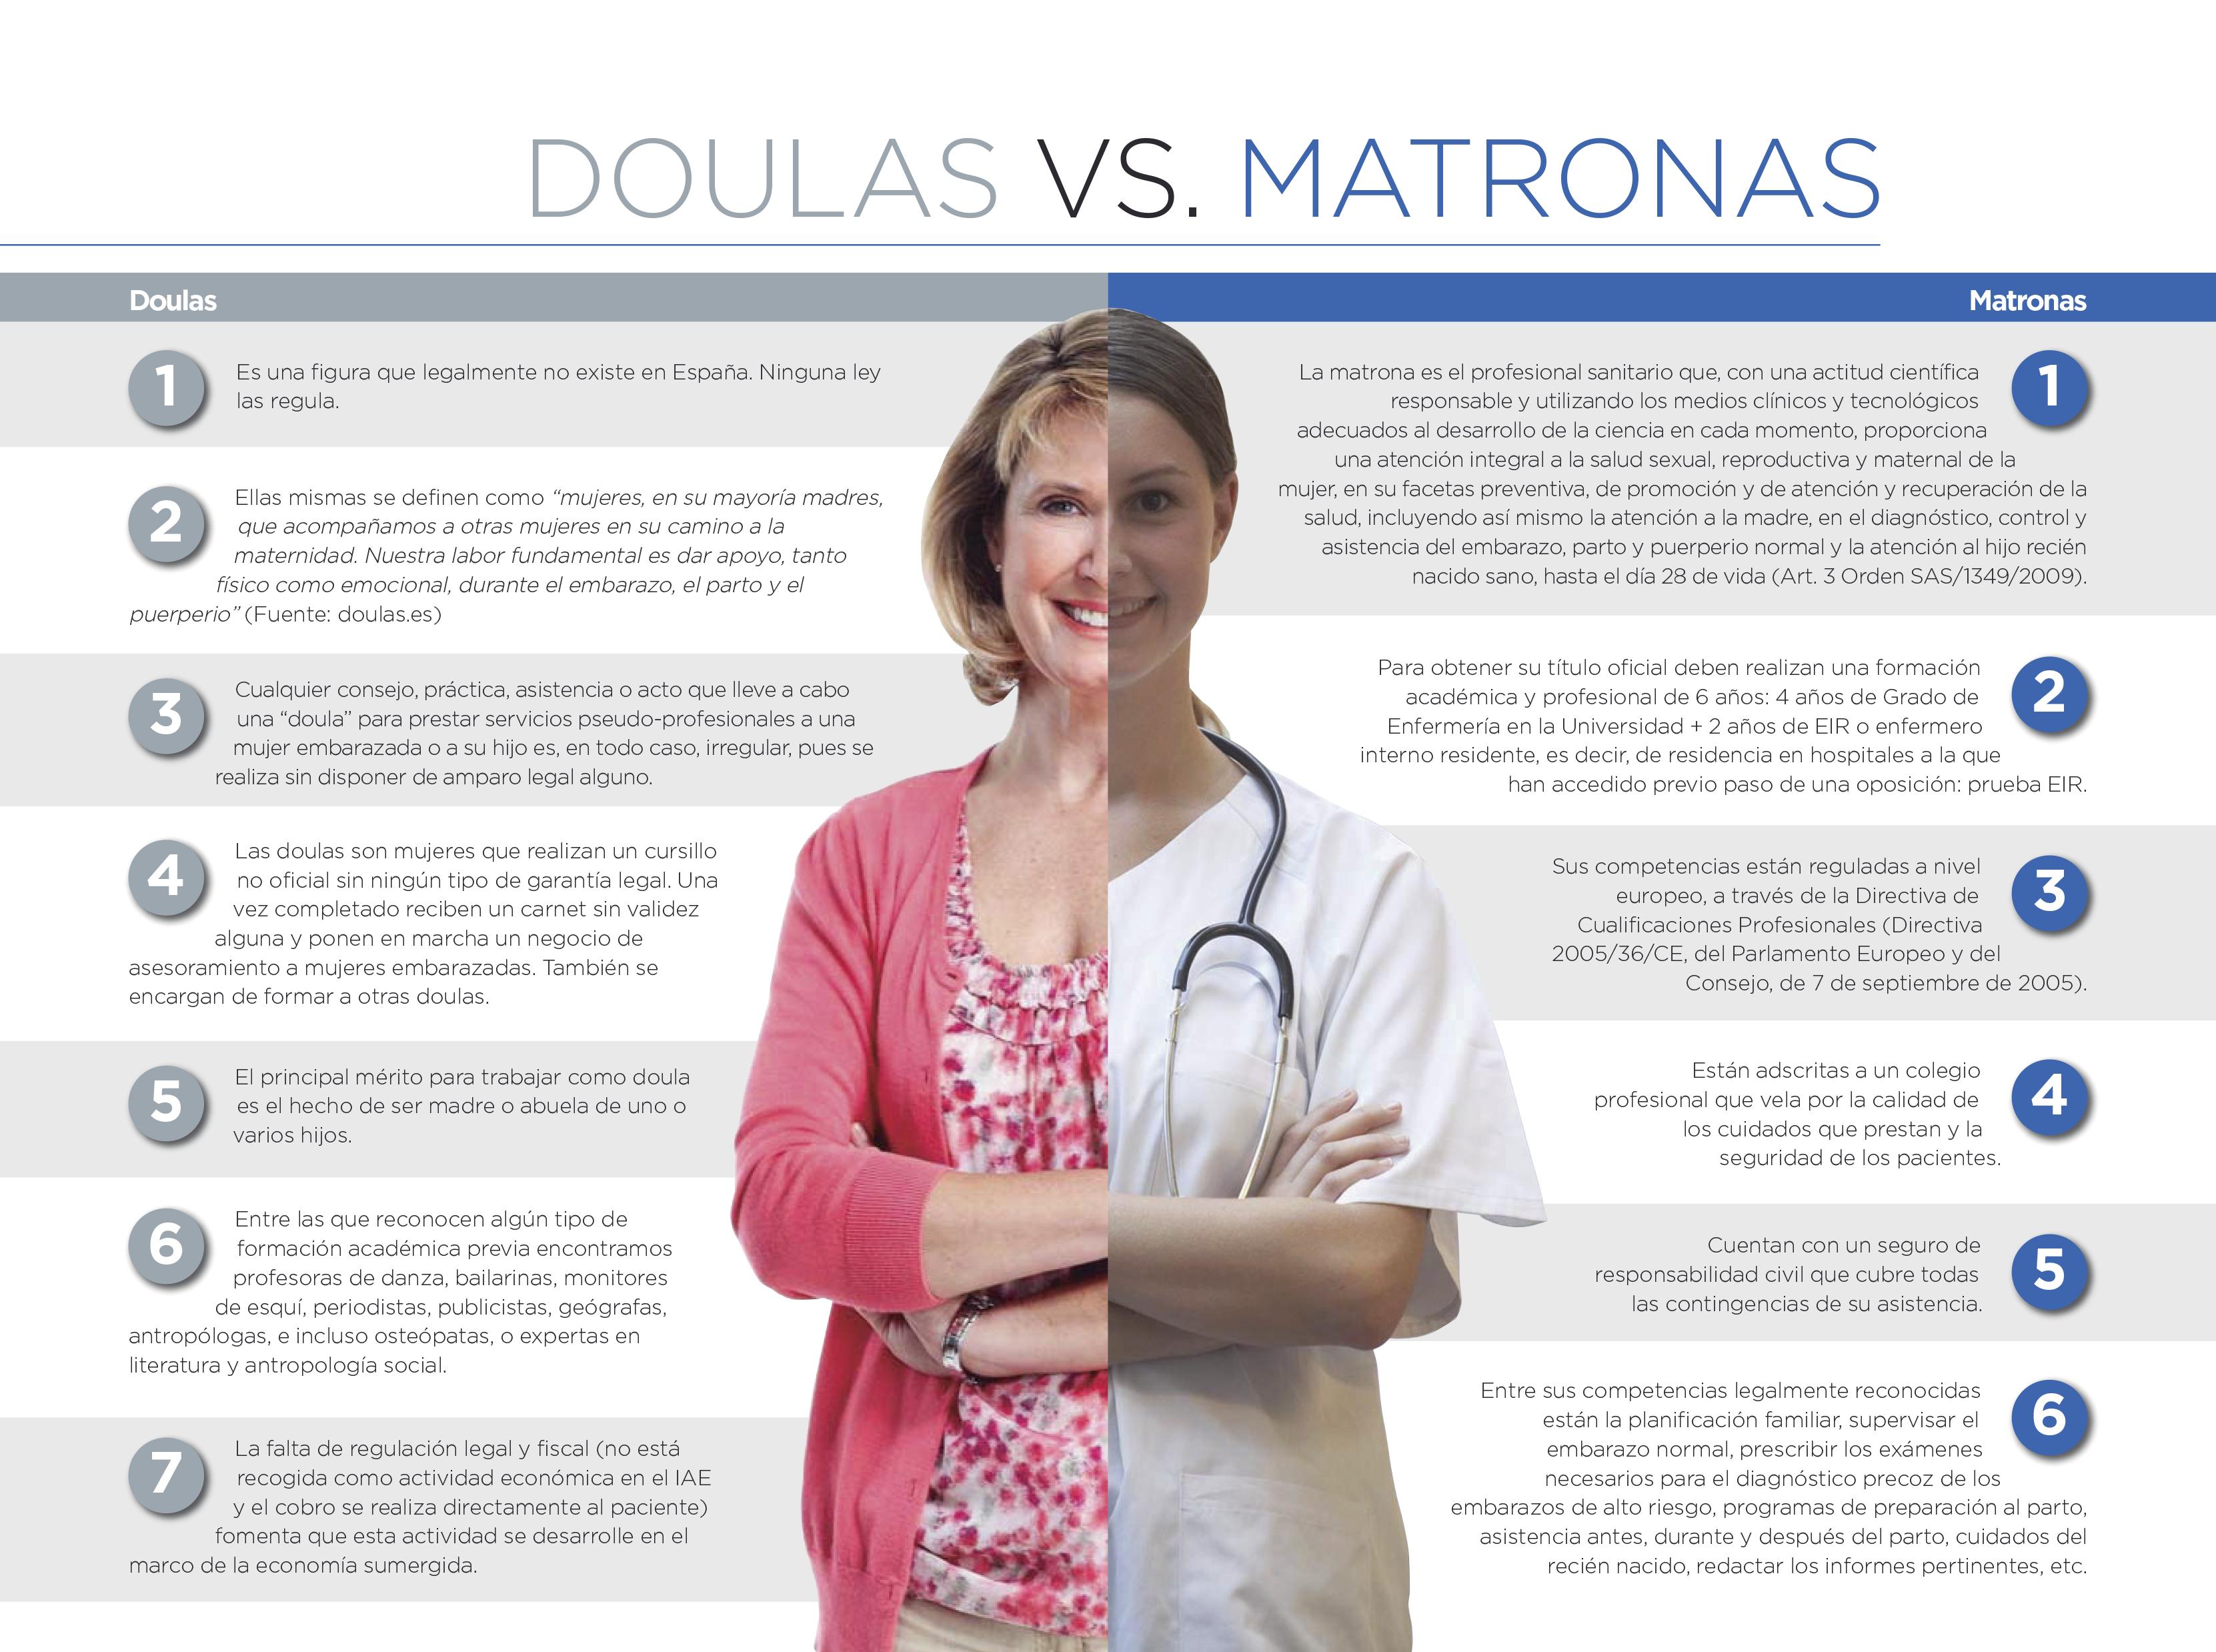 Infografía: doulas vs. matronas